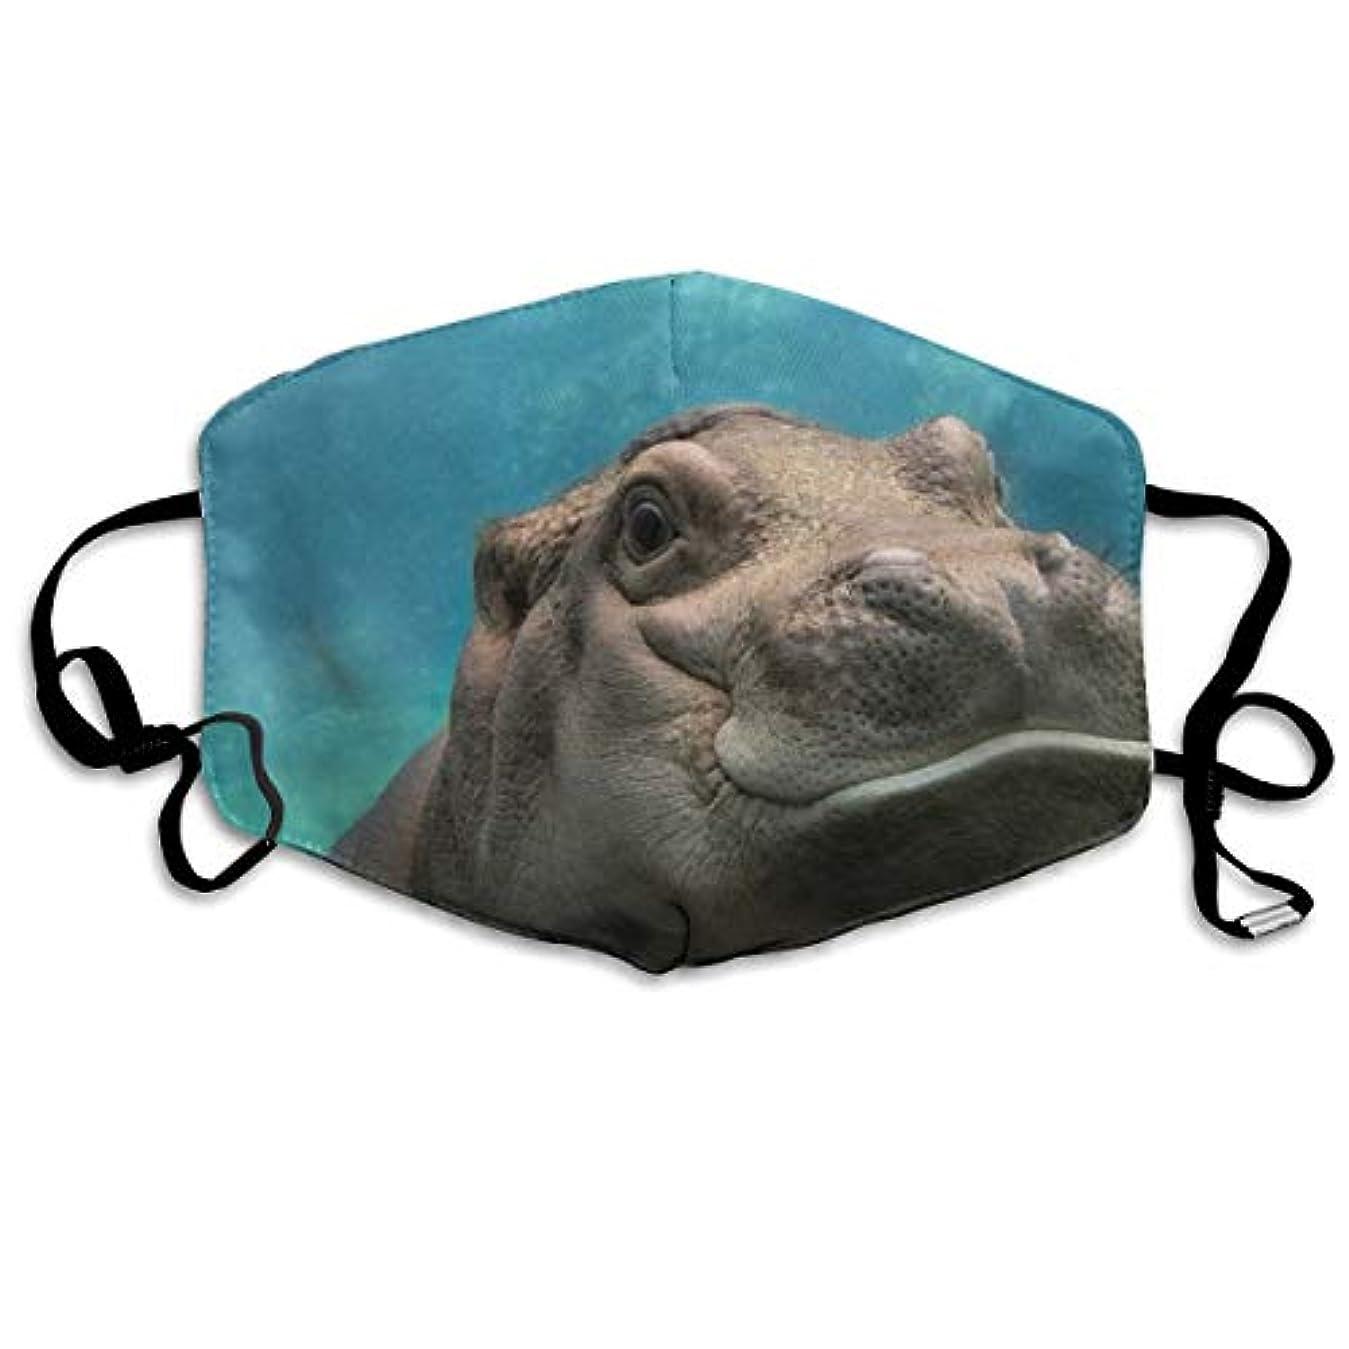 クラッチ冬建築マスク カバ 立体構造マスク ファッションスタイル マスク メガネが曇らないマスク 花粉対策マスク 肌荒れしない 風邪対応風邪予防 男女兼用